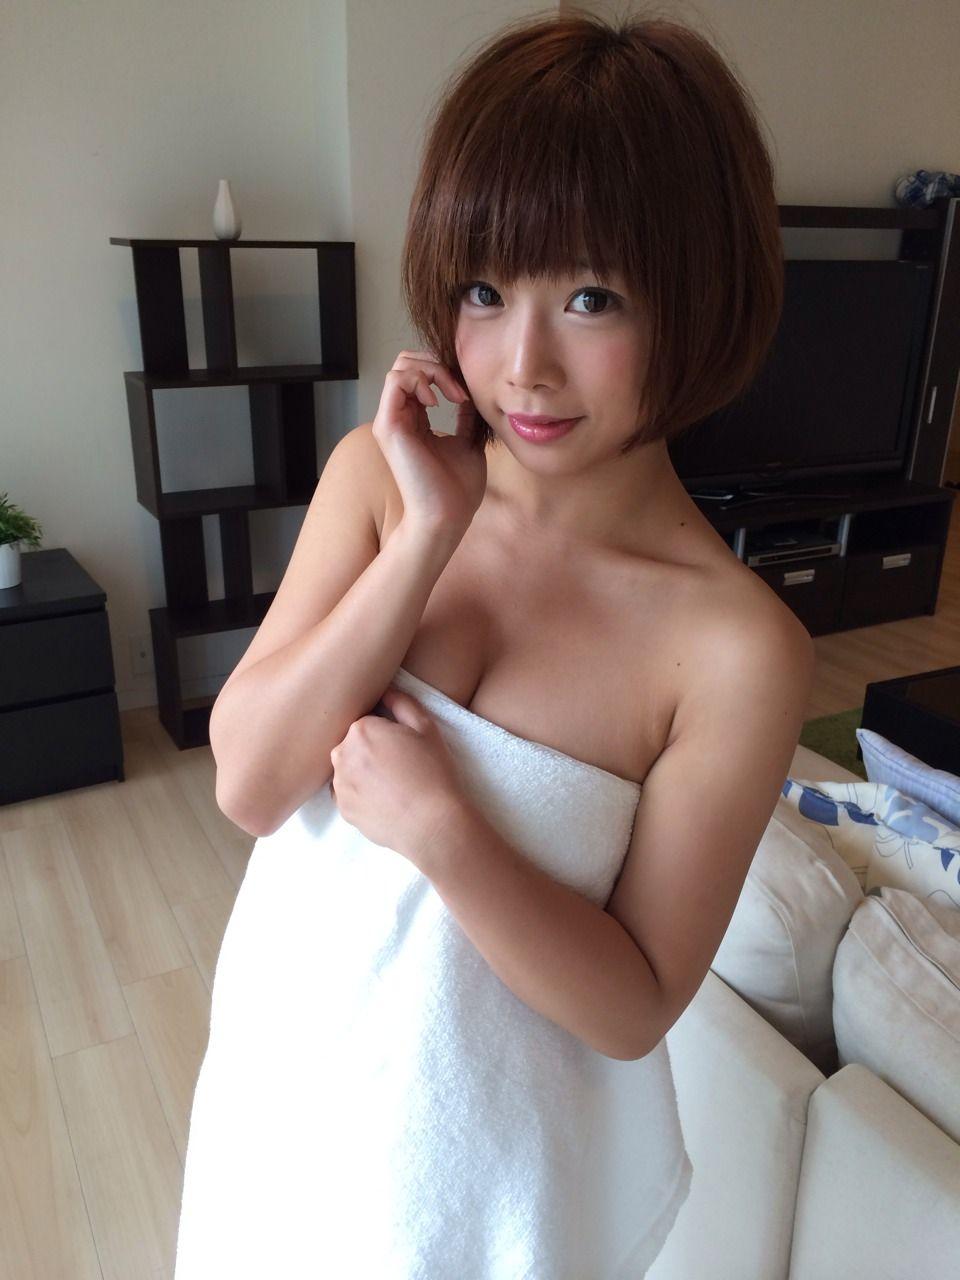 紗倉まな Mana Sakura Images 15